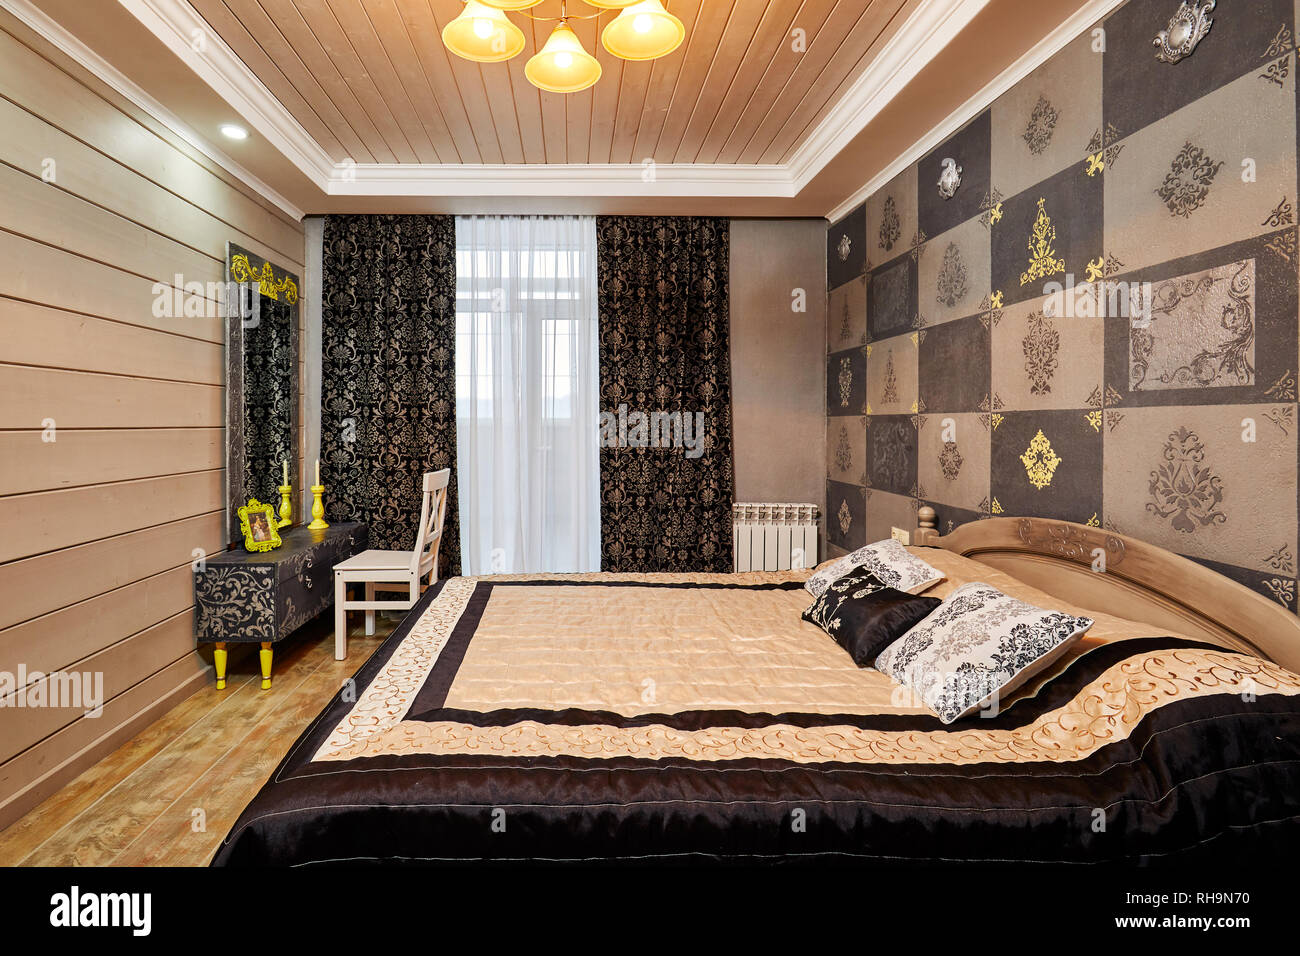 Decoration Chambre Coucher moscou, russie, 02.01.2019 : décoration et conception de